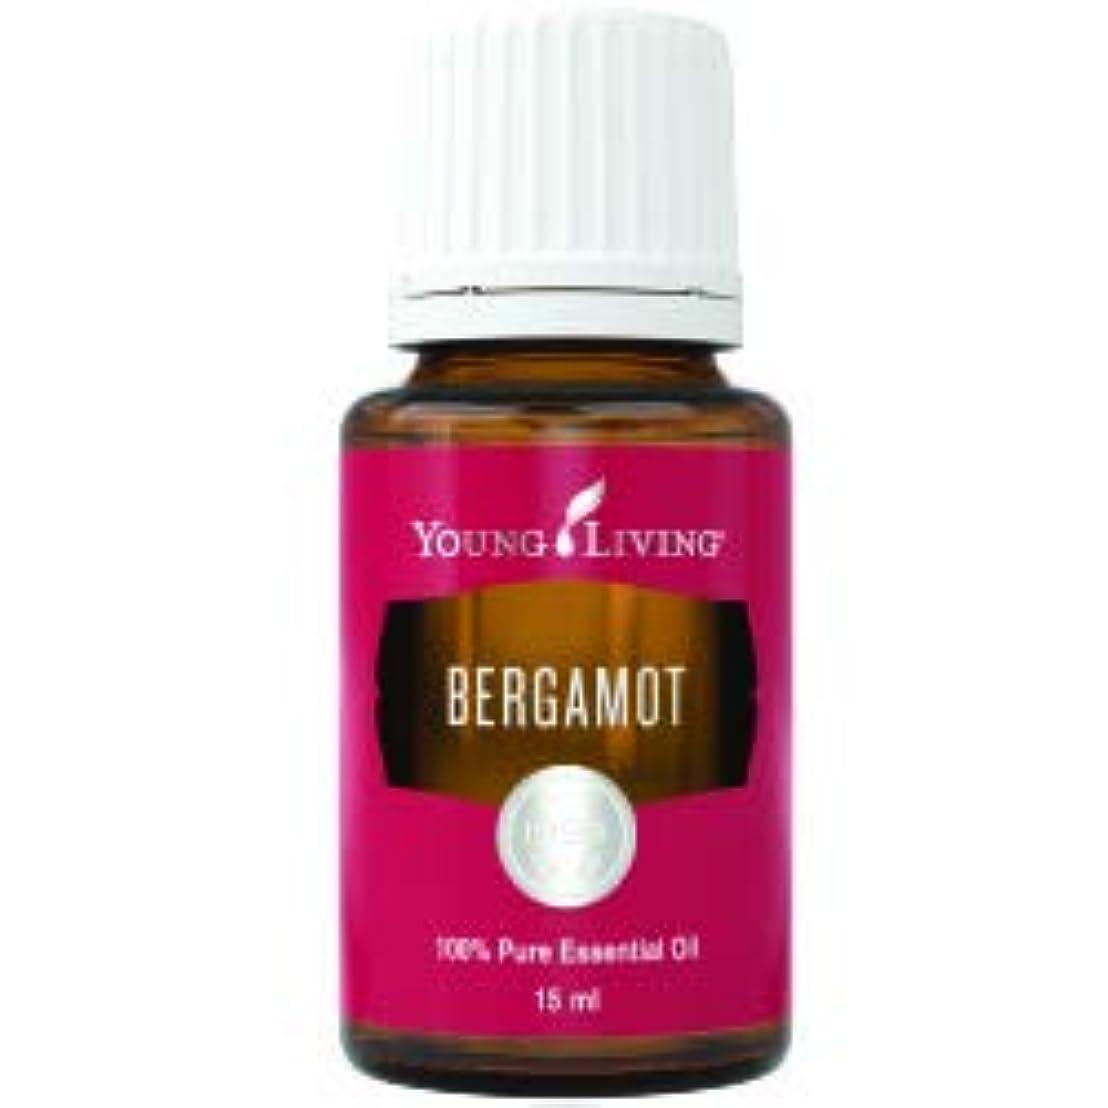 先例原油無知ヤングリビングマレーシアのベルガモットエッセンシャルオイル15 ml Bergamot Essential Oil 15 ml by Young Living Malaysia